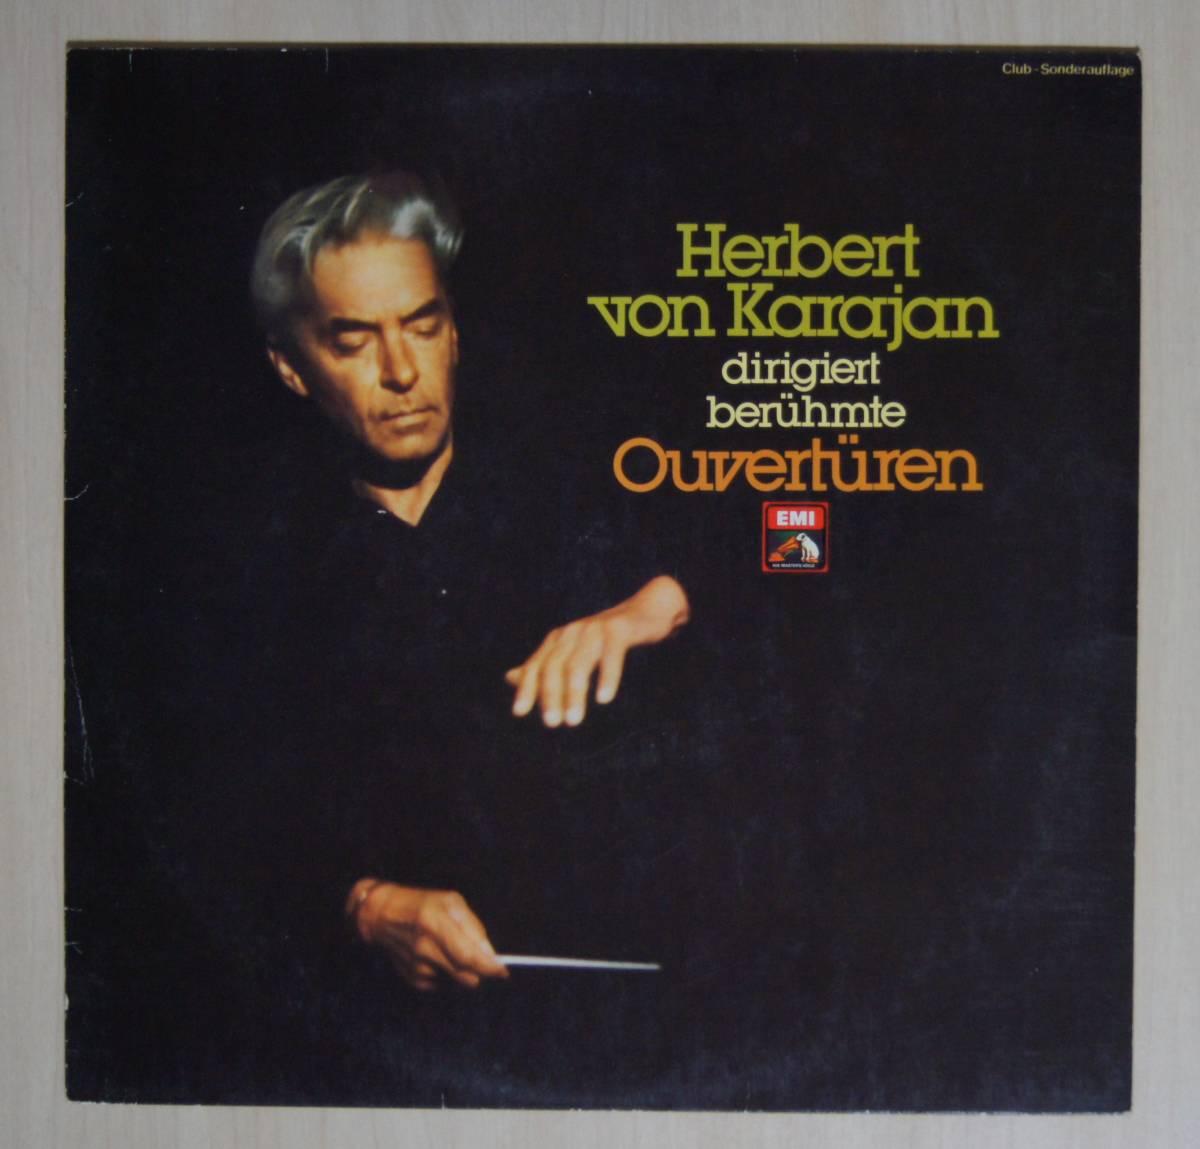 ヘルベルト・フォン・カラヤン/ベルリン・フィル/フィルハーモニア管弦楽団【ドイツ盤】「オペラ序曲集」_画像1